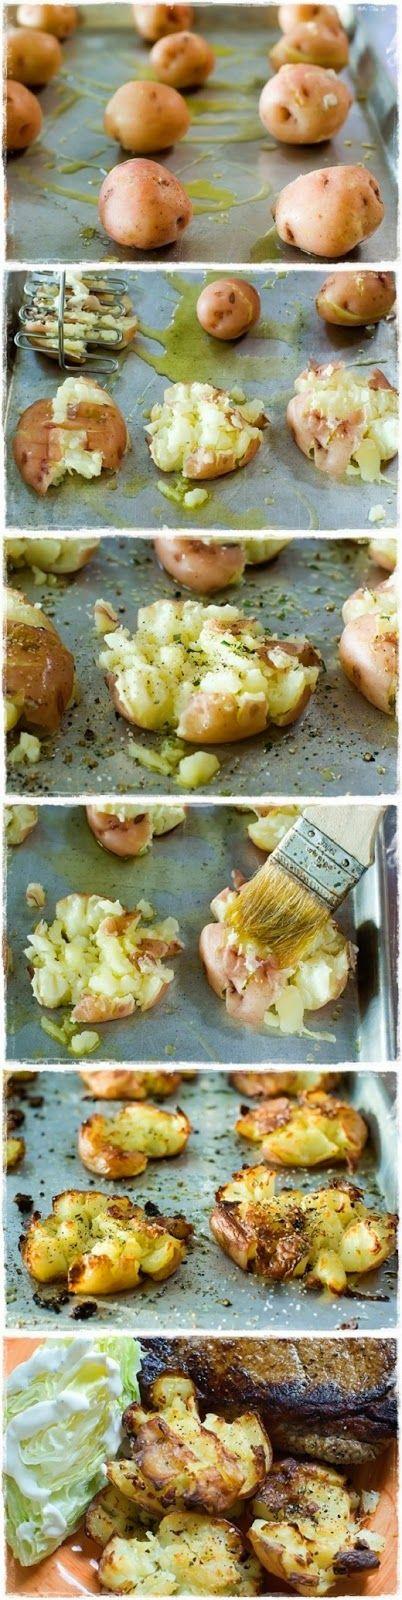 Crash Hot Potatoes